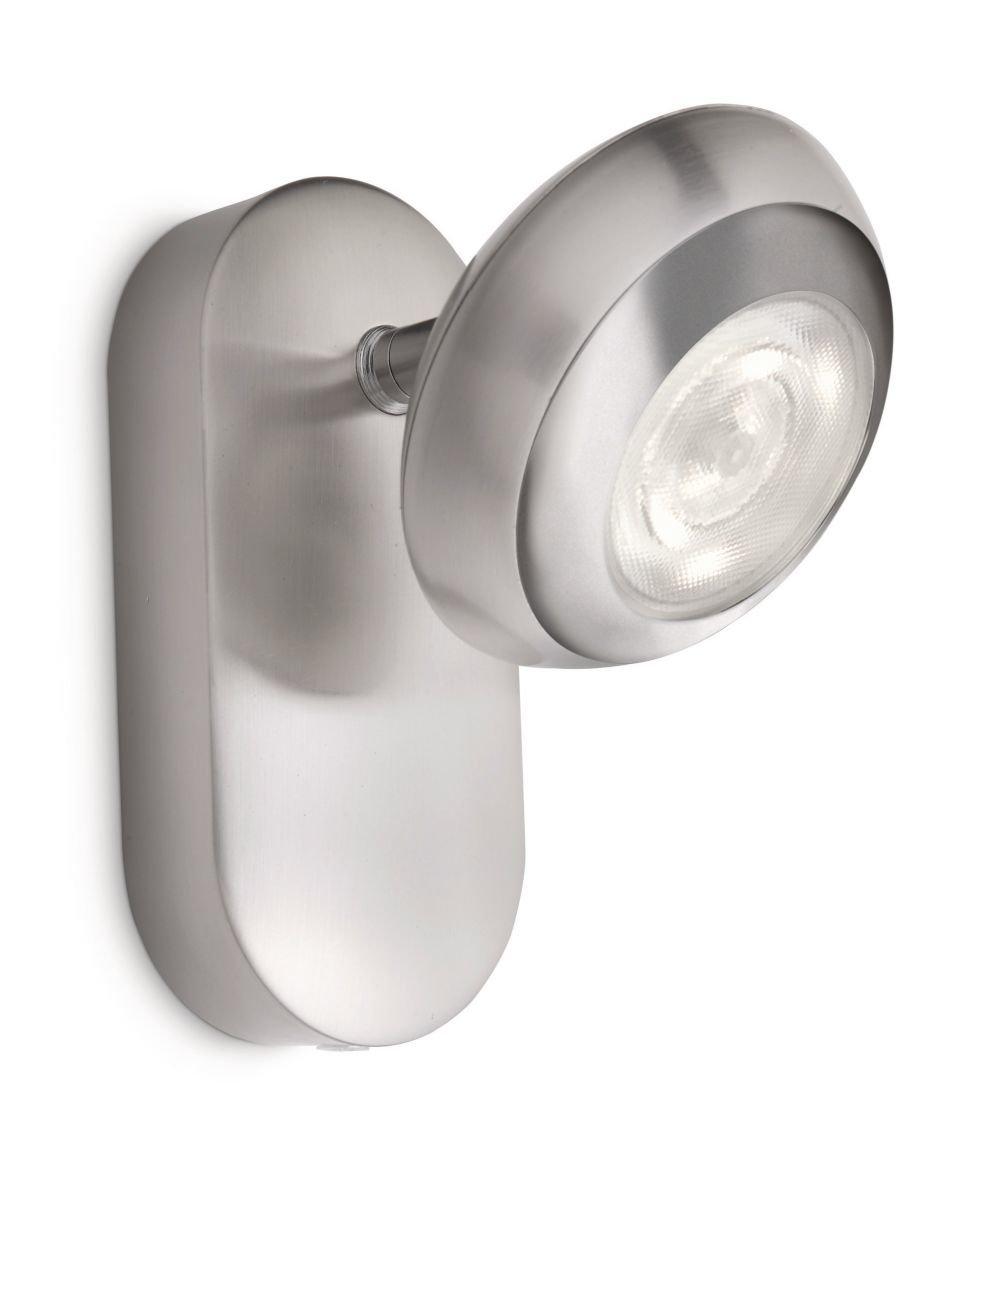 Philips SEPIA spot LED luminaire d'inté rieur Blanc Aluminium 915004146801